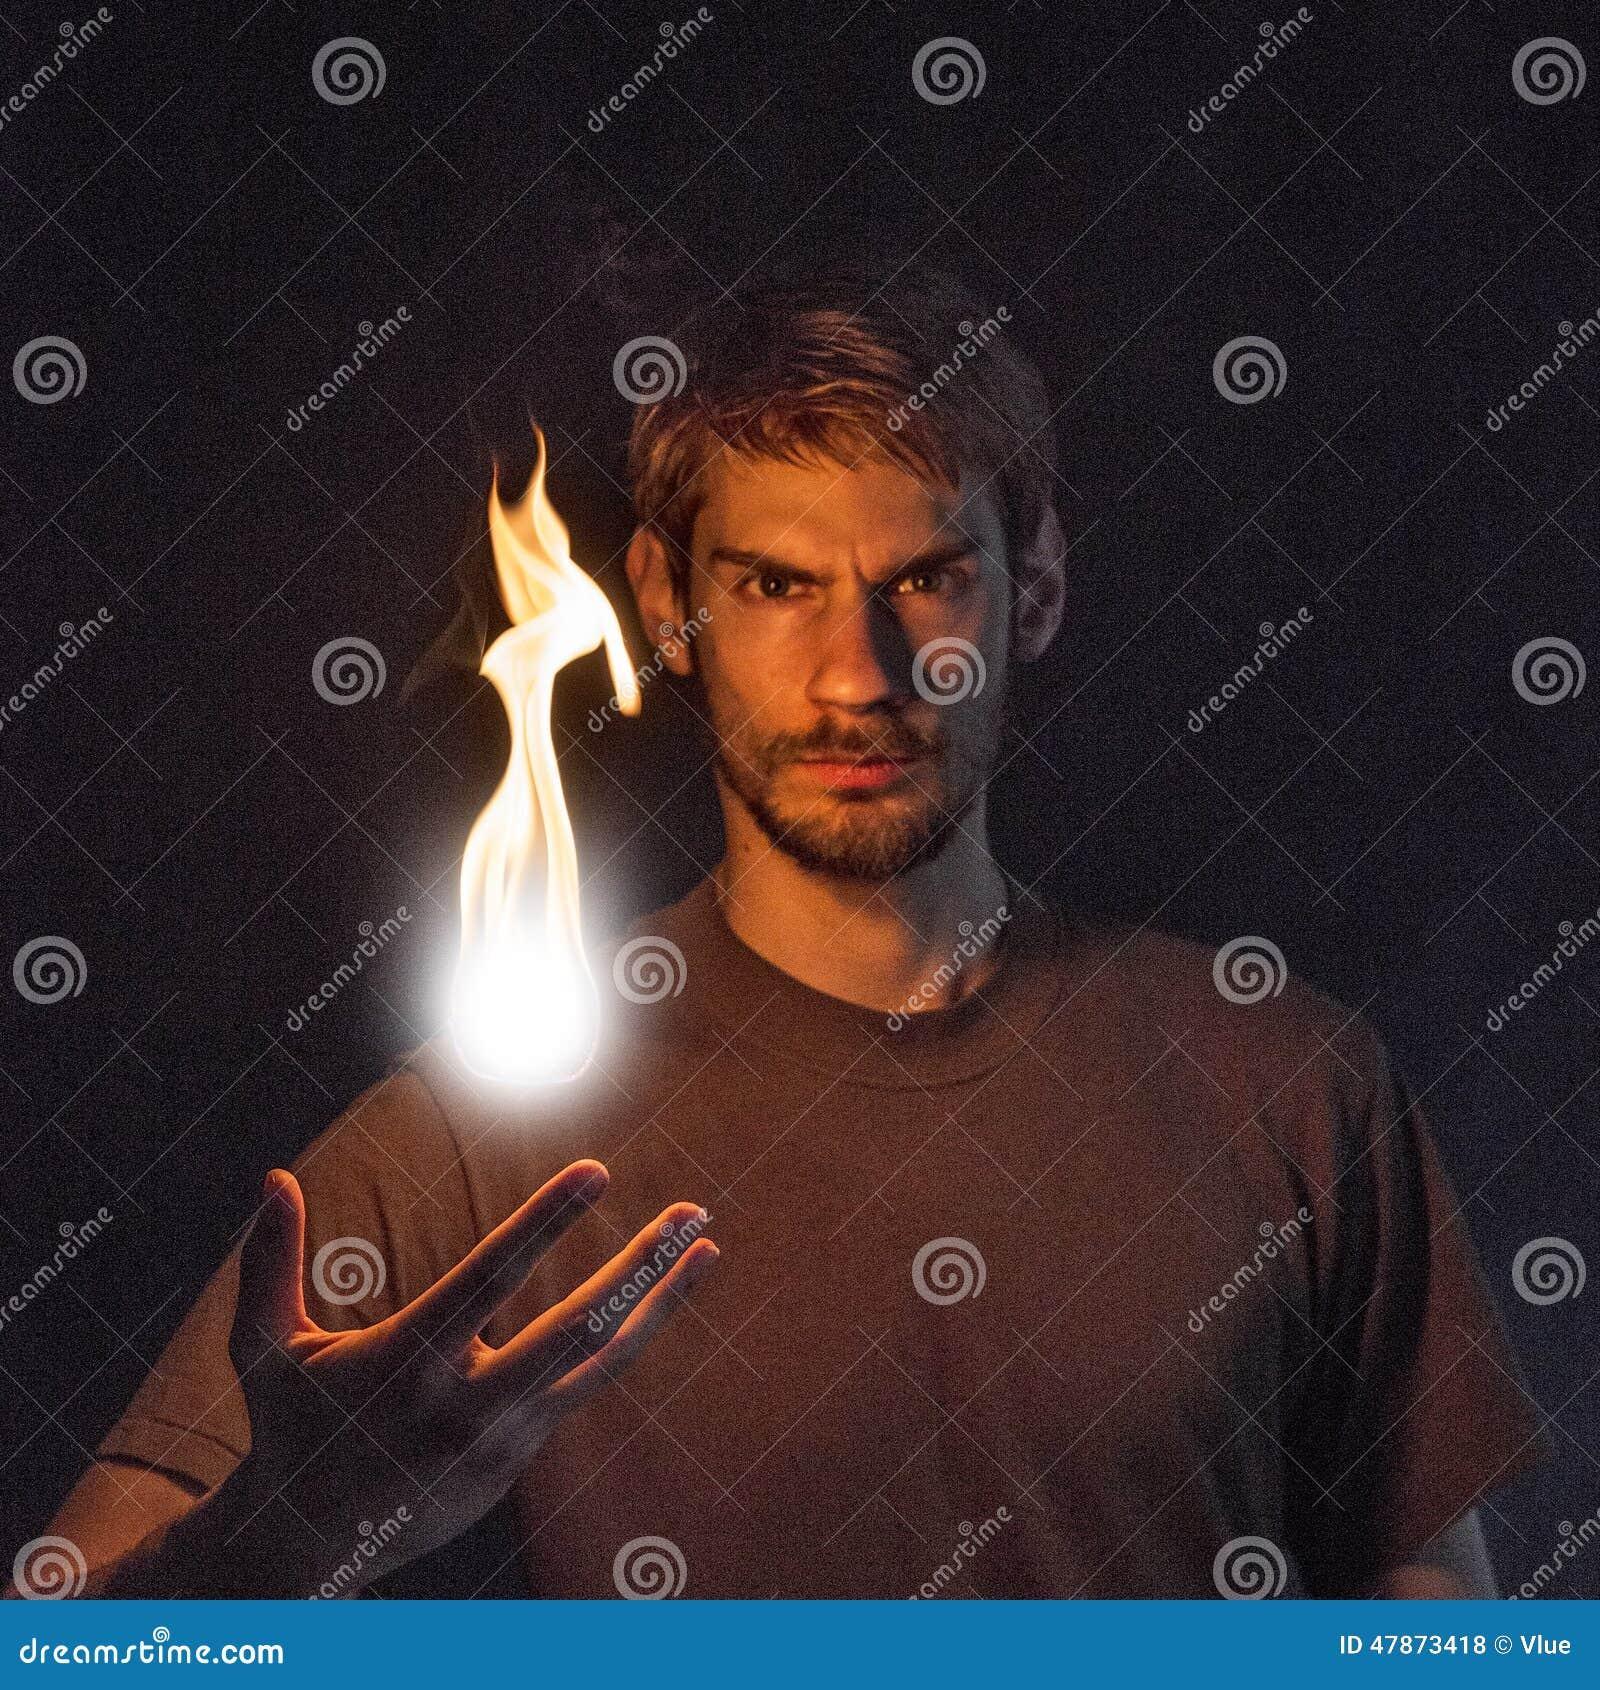 Man Tossing Fire Ball